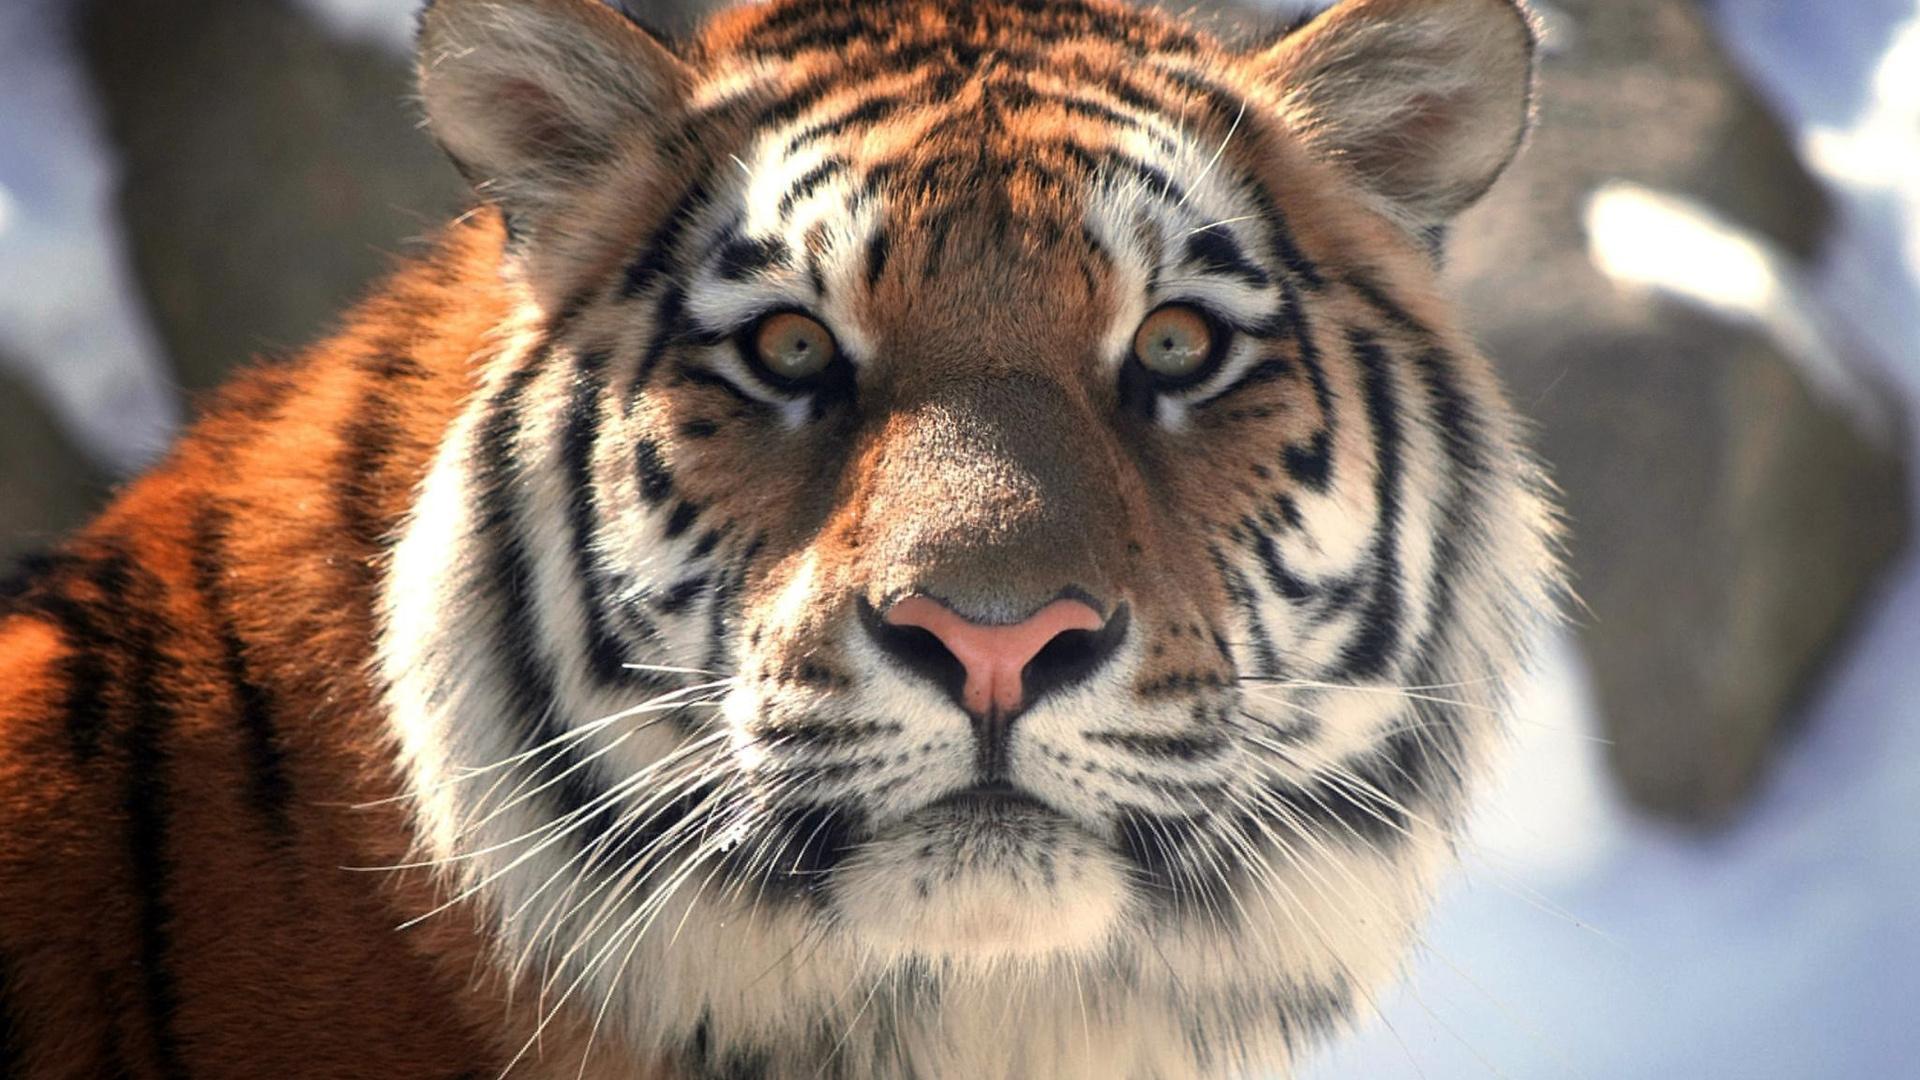 Тбилисский зоопарк принял новых питомцев из Европы Тбилисский зоопарк принял новых питомцев из Европы